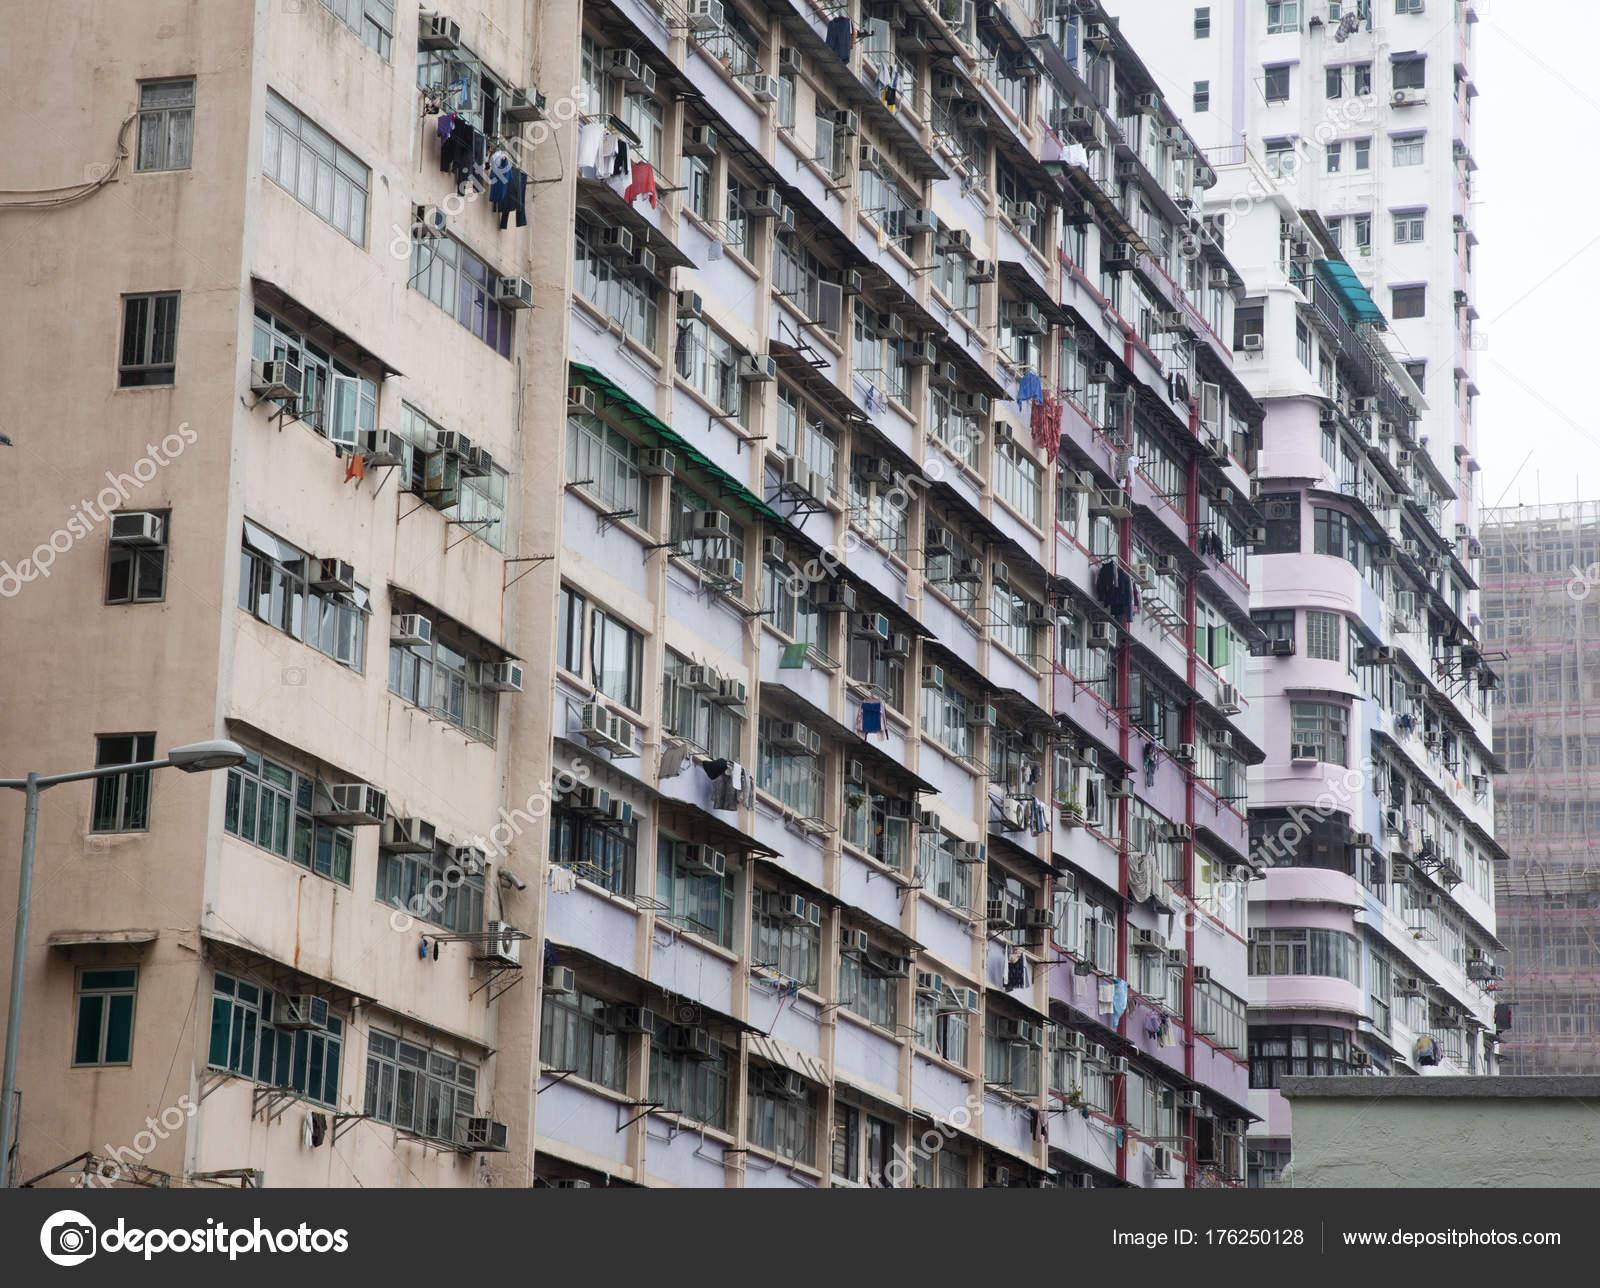 Wäsche aus Wohnung Fenstern hängen — Stockfoto © rustycanuck #176250128